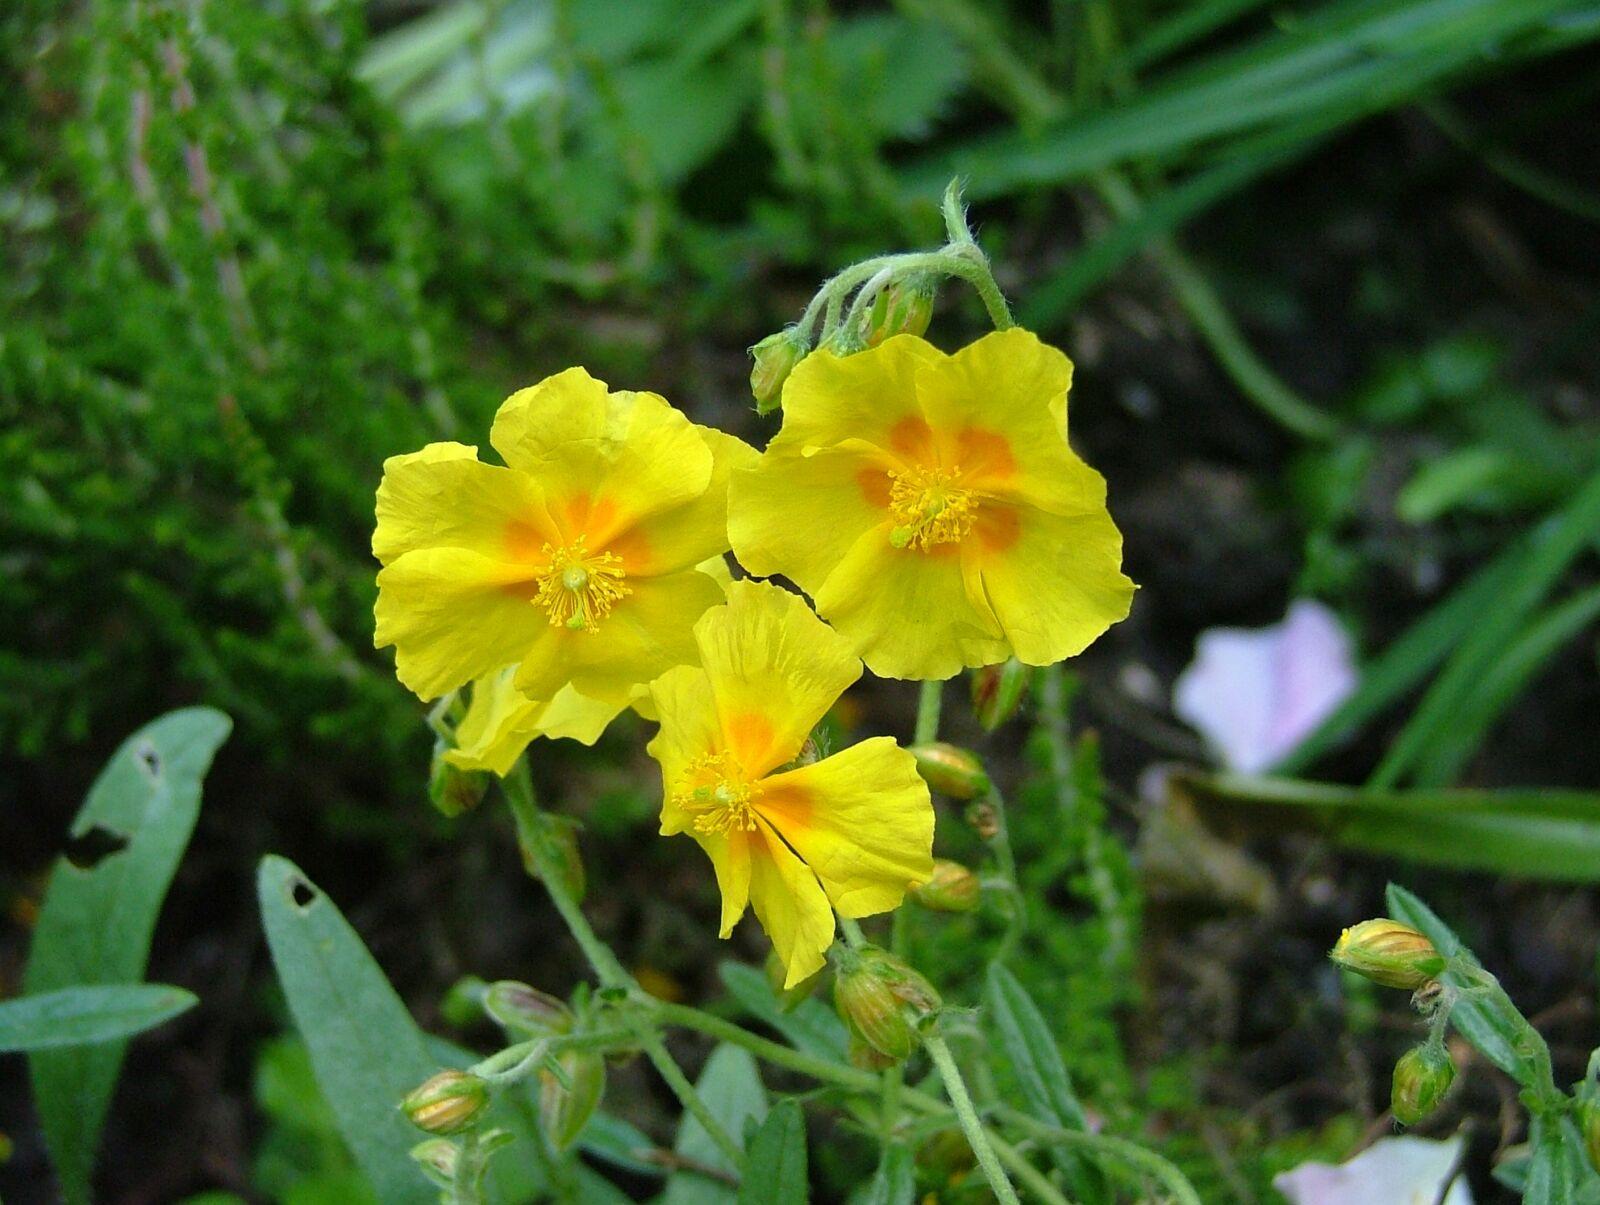 yellow flowers, flower, yellow